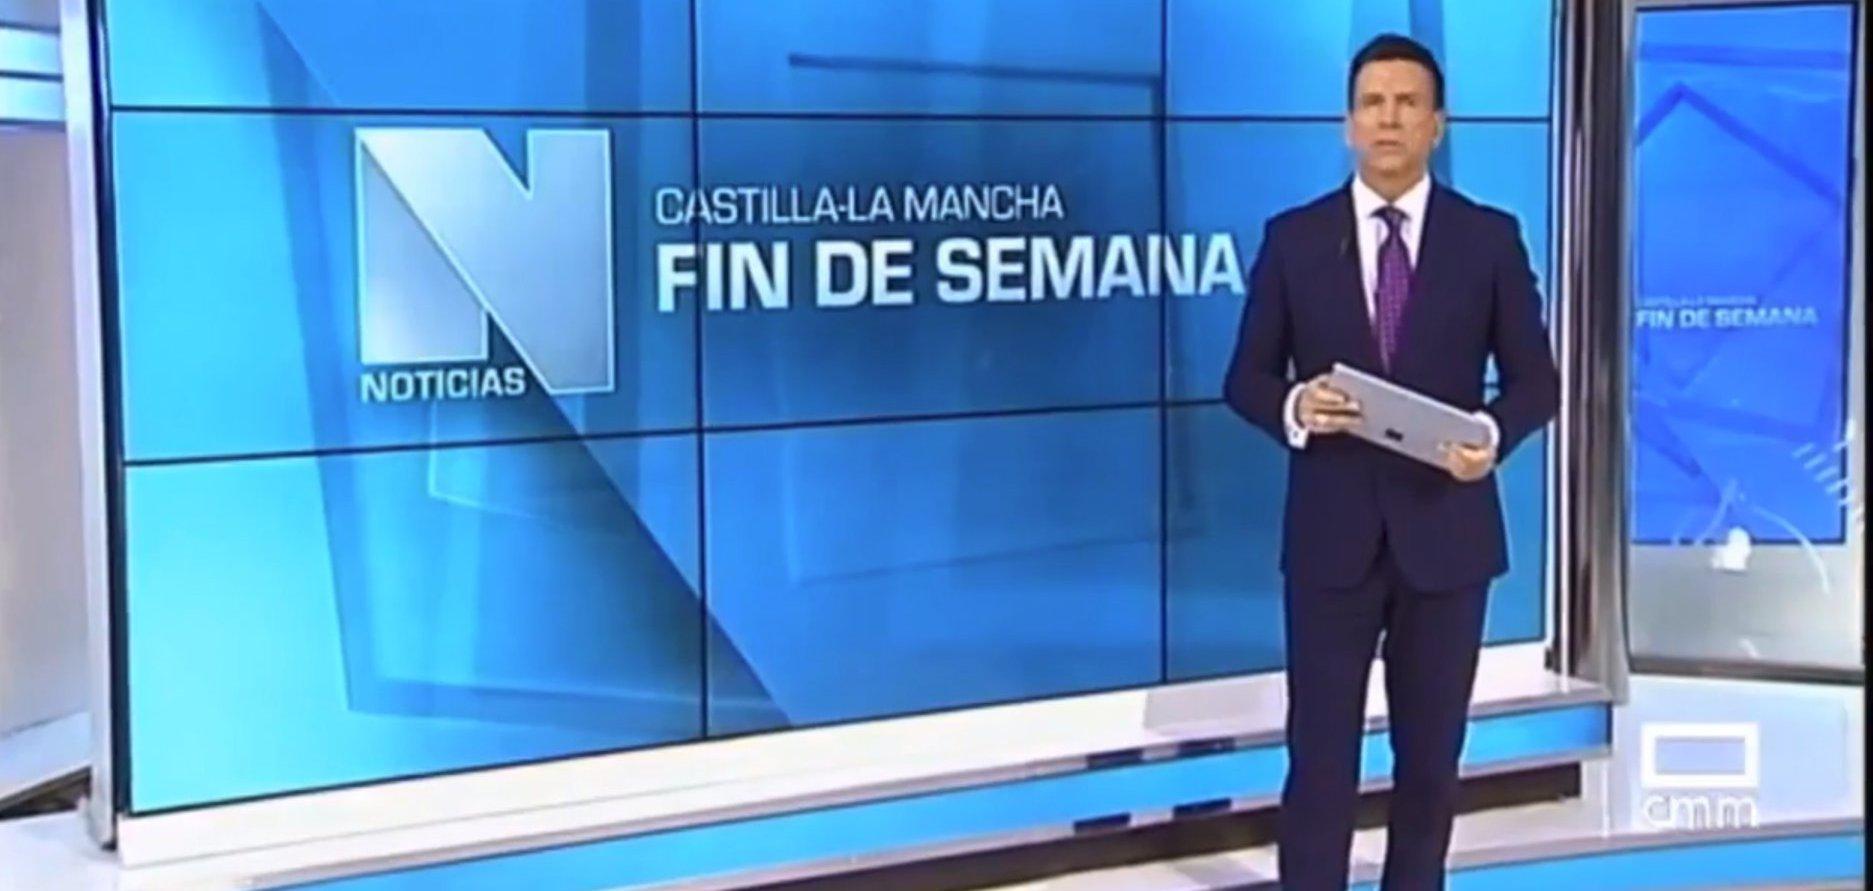 tvcastillalamancha